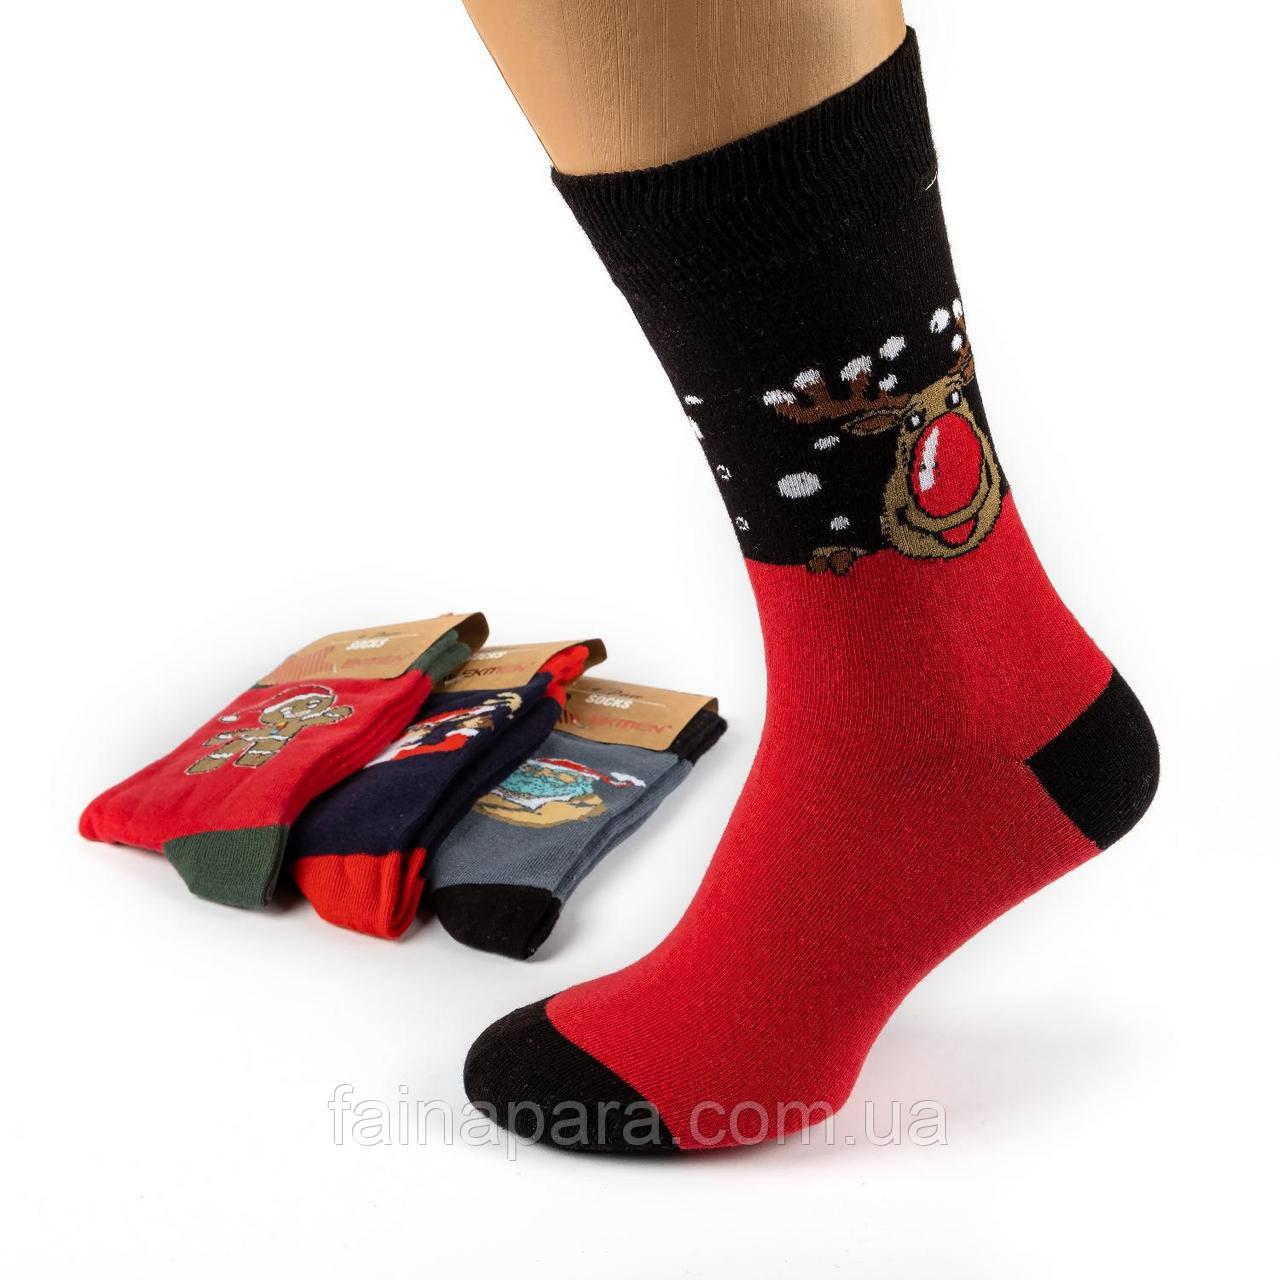 Мужские носки новогодние Ekmen Турция 12пар